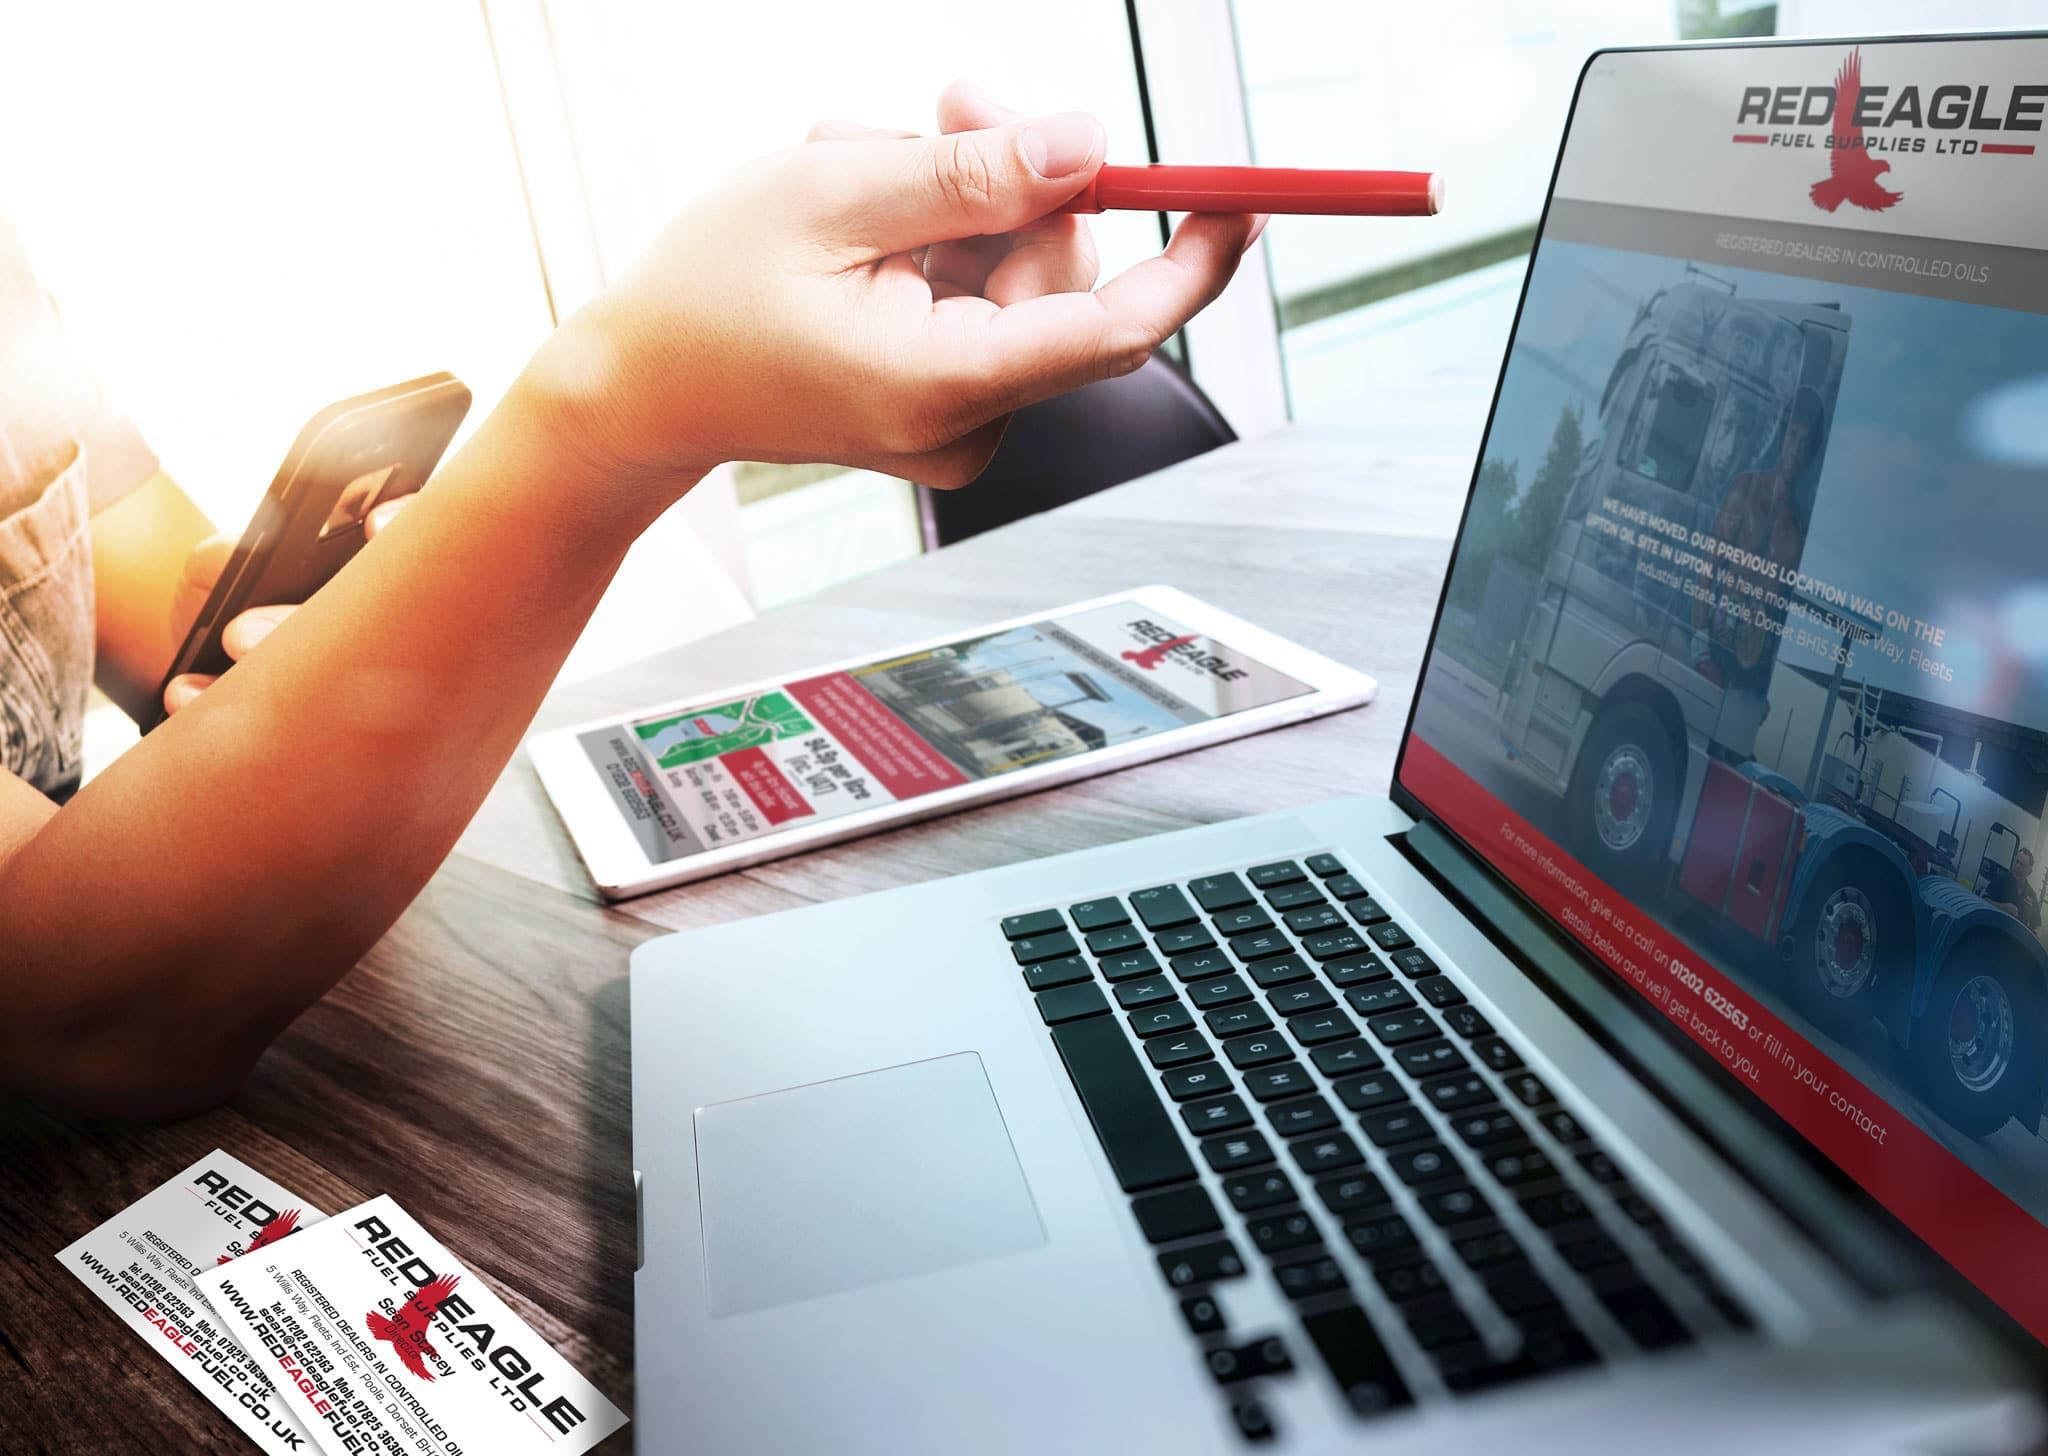 Designosaur Website Business Start Up Banner Red Eagle 2048 1456px